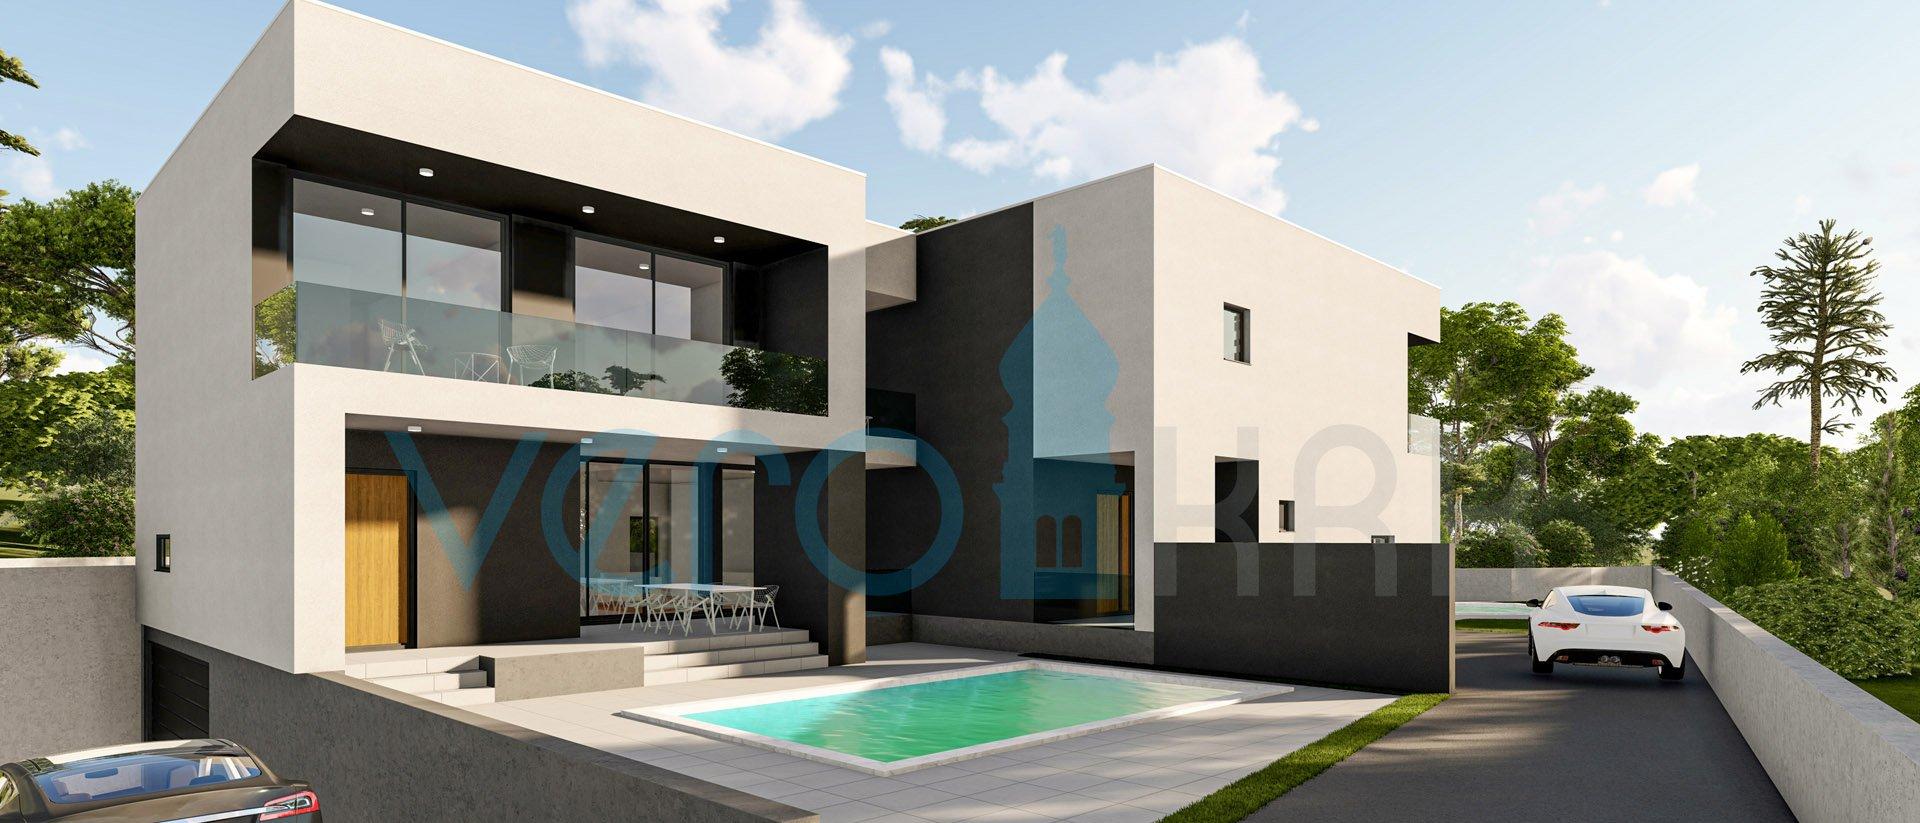 Malinska, otok Krk, moderna kuća sa bazenom, podzemnom garažom i pogledom na more